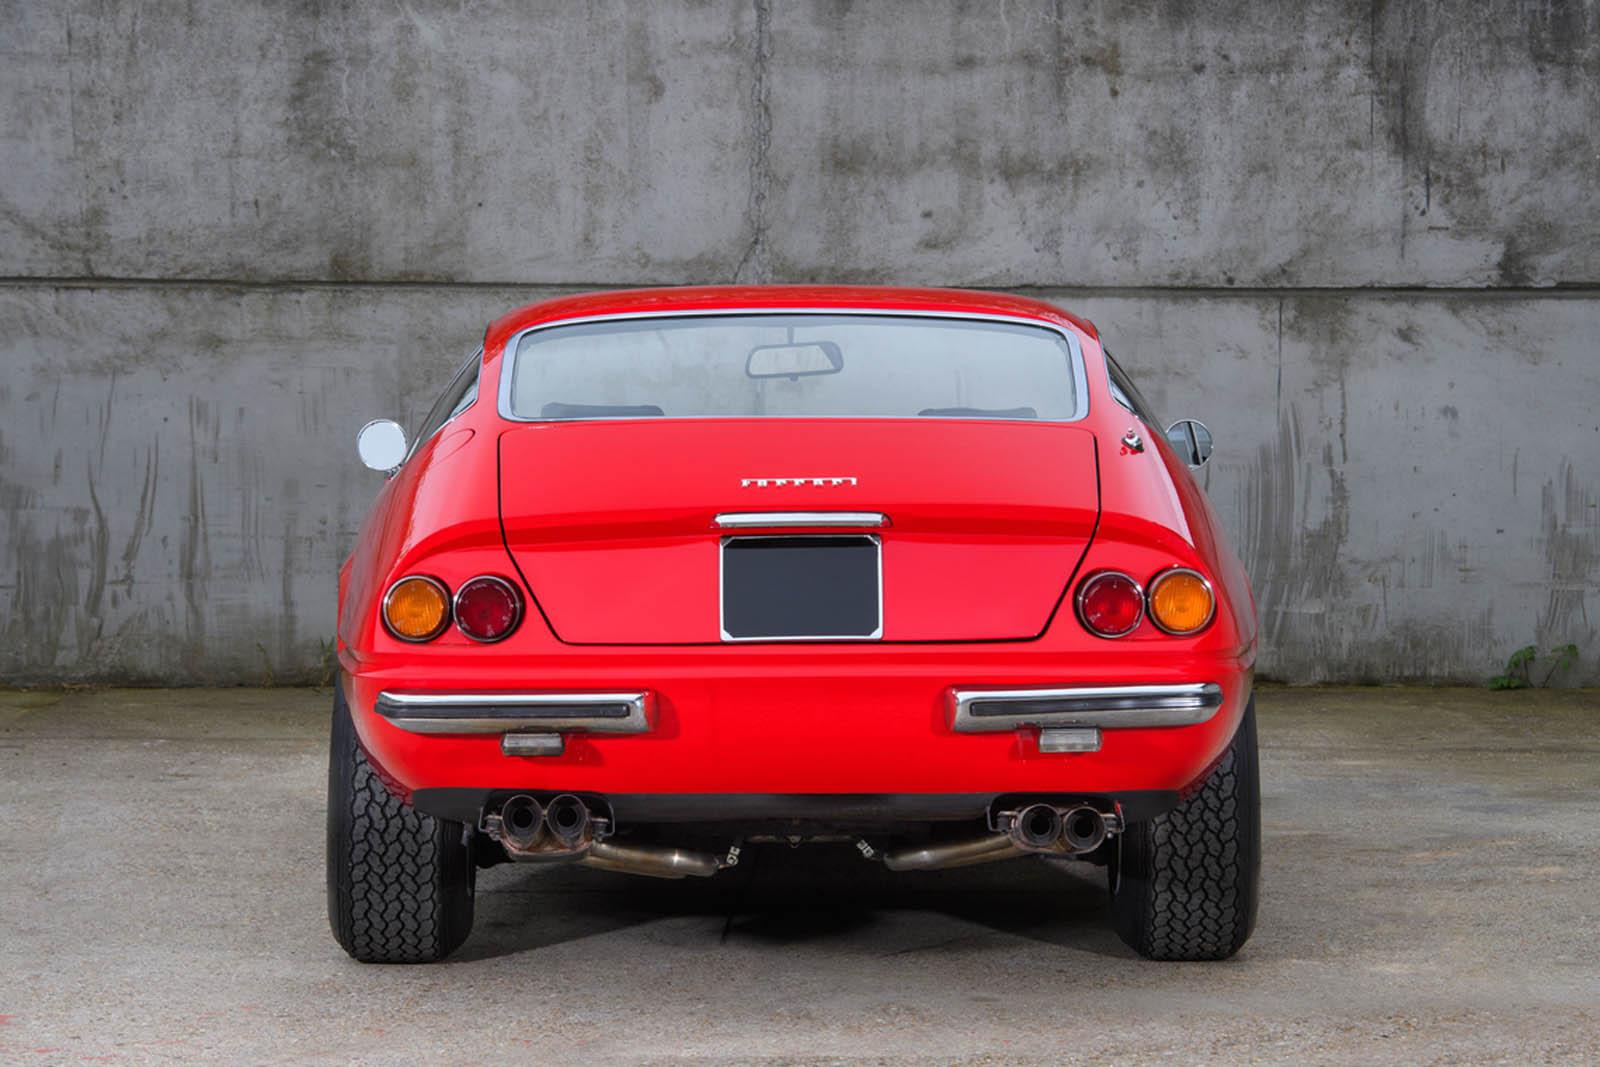 Ferrari-365-GTB4-Daytona-ex-Elton-John-4